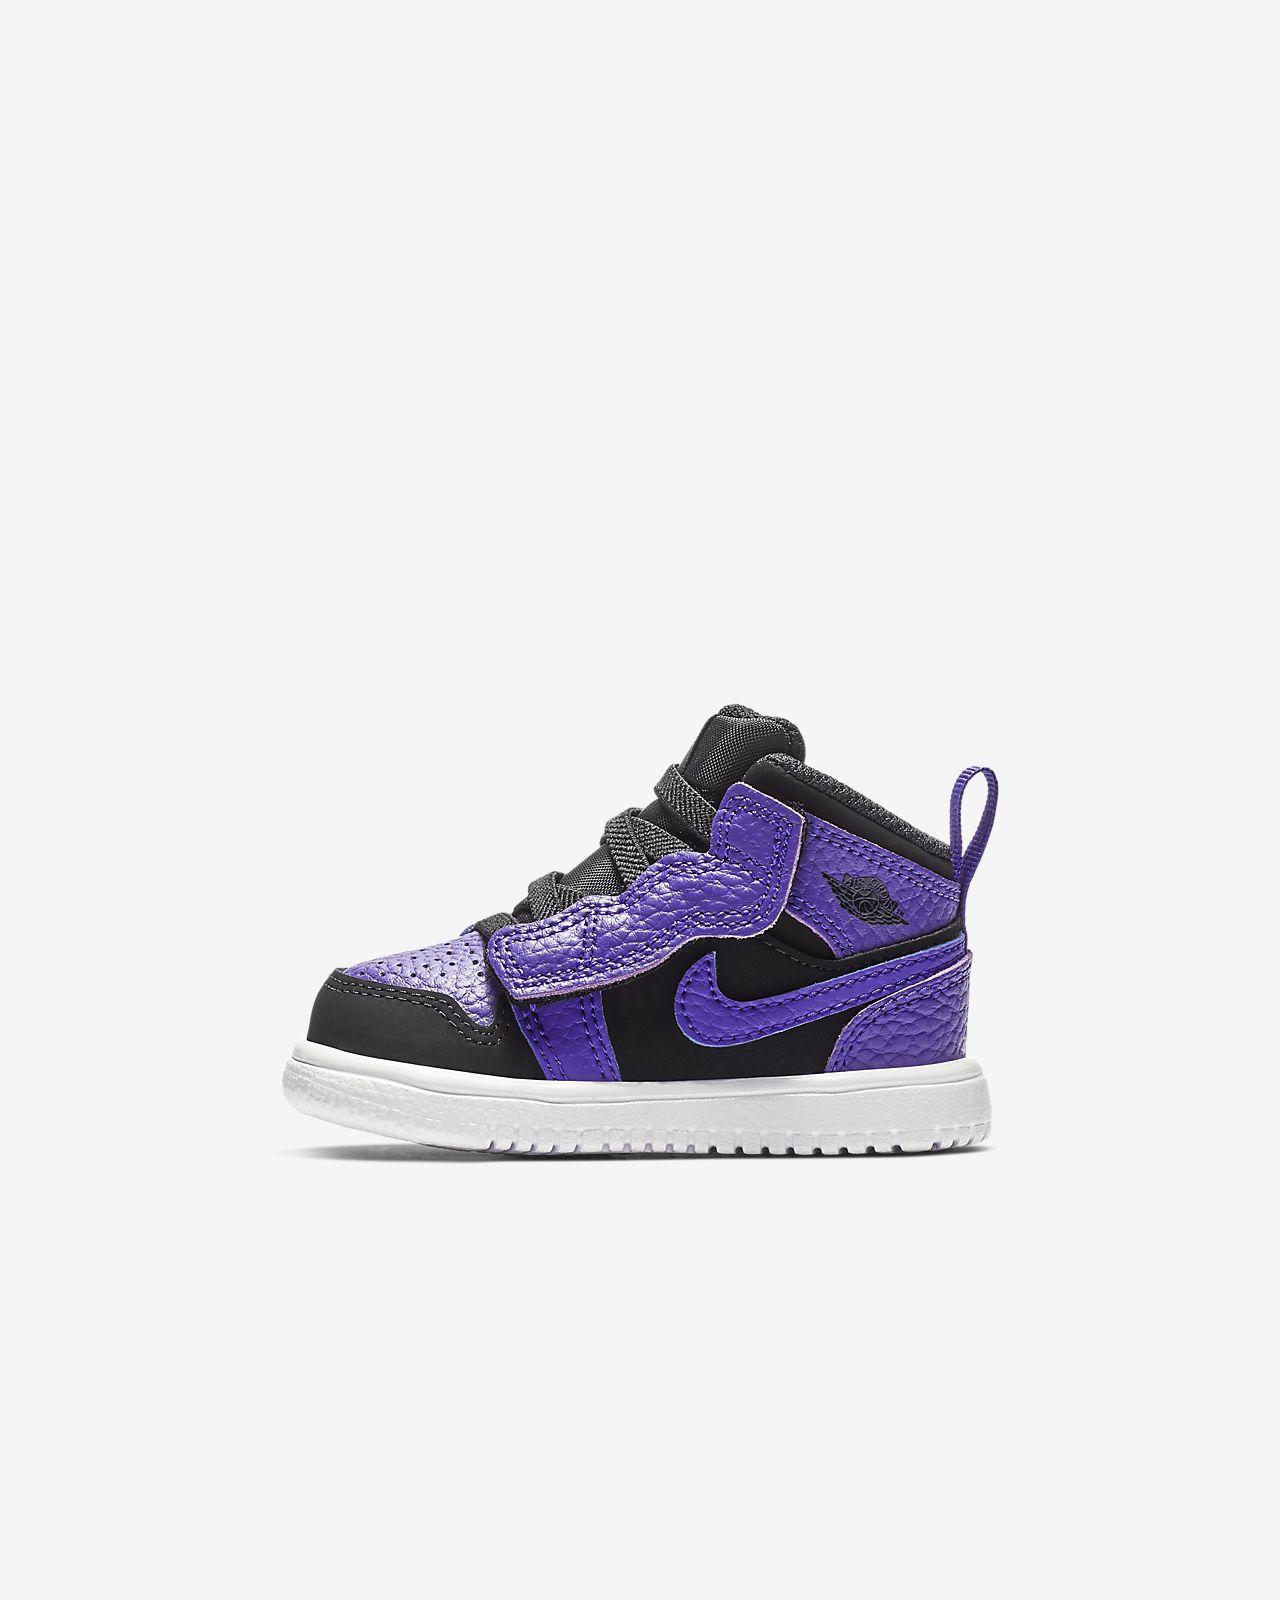 e1b83a7f5a24e Air Jordan 1 Mid Alt Infant Toddler Shoe. Nike.com